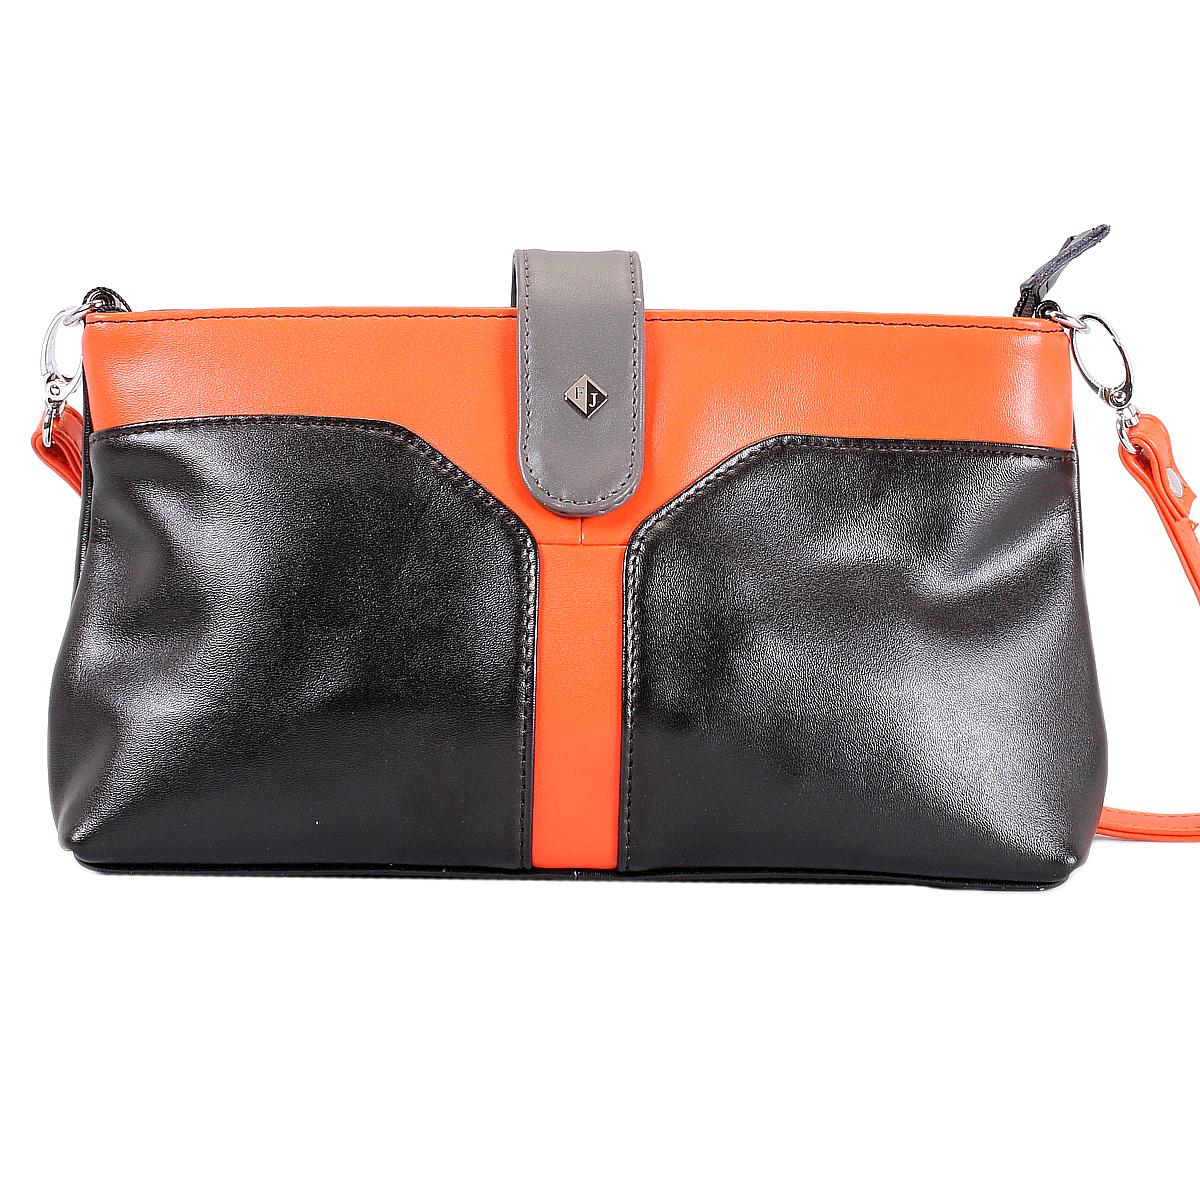 Клатч Flioraj, цвет: черный, оранжевый. 10749-1/24/610749-1/24/6 черн/оранжИзысканный и модный клатч Flioraj выполнен из высококачественной натуральной кожи контрастных цветов. Клатч застегивается на молнию и дополнительно закрепляется хлястиком на магнитную кнопку. Внутри - смежный кармашек на молнии, вшитый кармашек на молнии и два кармашка для мелочей и телефона. Тыльная сторона клатча оснащена прорезным карманом на молнии. К клатчу прилагается съемный ремешок для запястья и плечевой ремень, который регулируется по длине. Стильный клатч Flioraj - это практичный и модный аксессуар, который подойдет к любому настроению. Изысканный дизайн сочетает классические формы с современным оригинальным оформлением. Удобный и эффектный, клатч Leighton поможет вам подчеркнуть свою уникальность и станет финальным штрихом в создании вашего неповторимого образа.